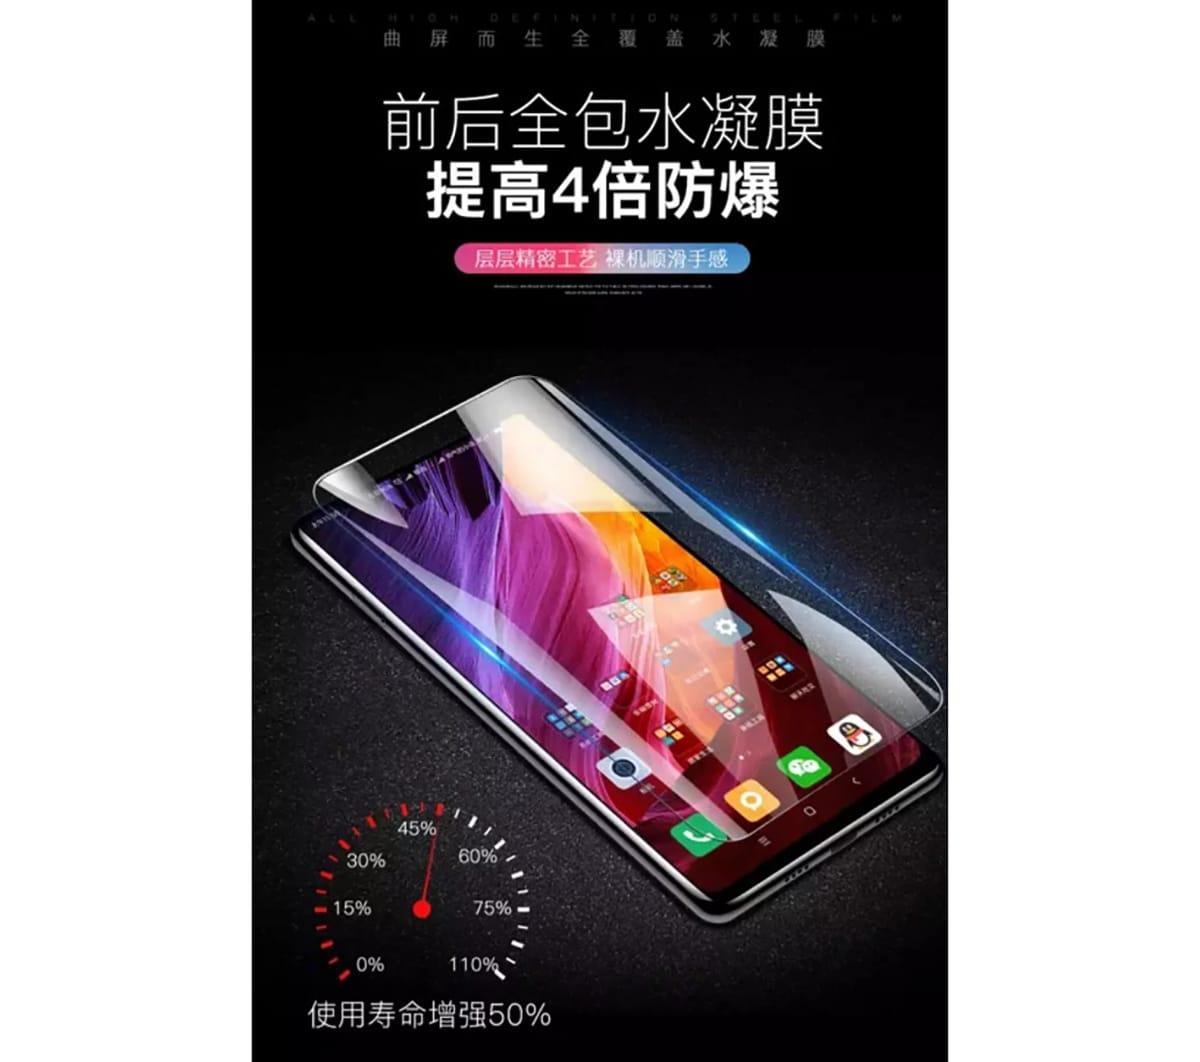 AliExpress распродает в РФ понизким ценам мобильные телефоны Apple, Xiaomi Самсунг